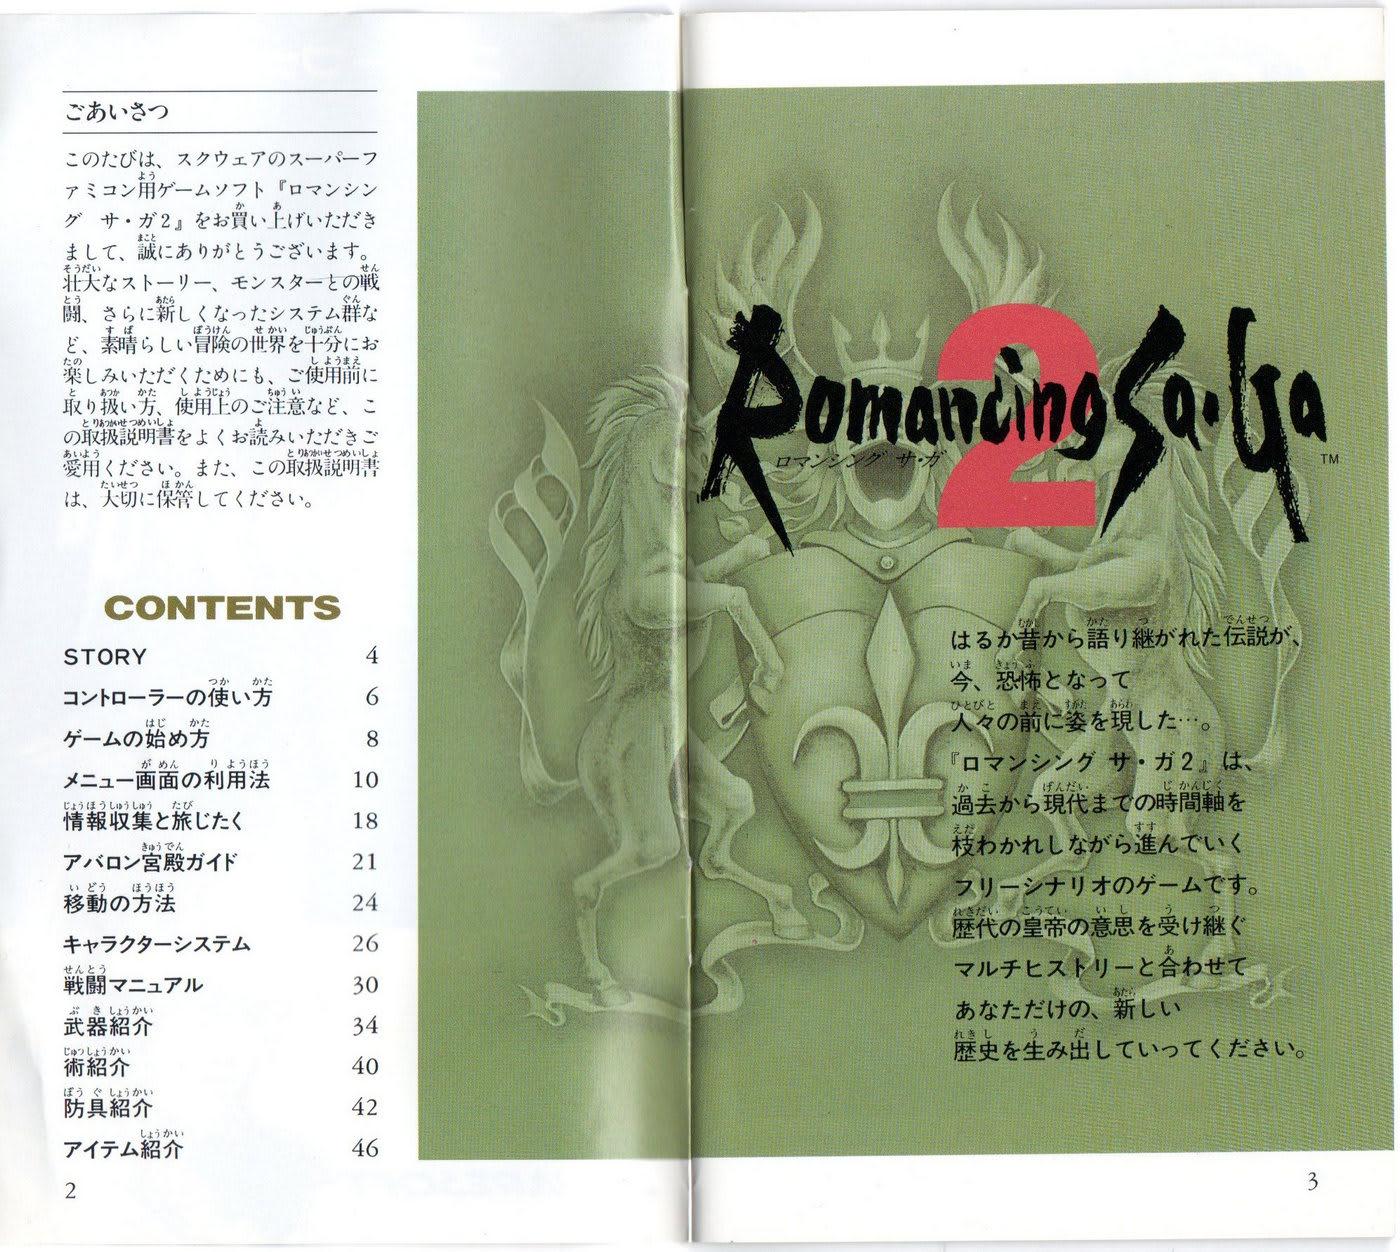 pcsx2 ロマンシングサ ガ